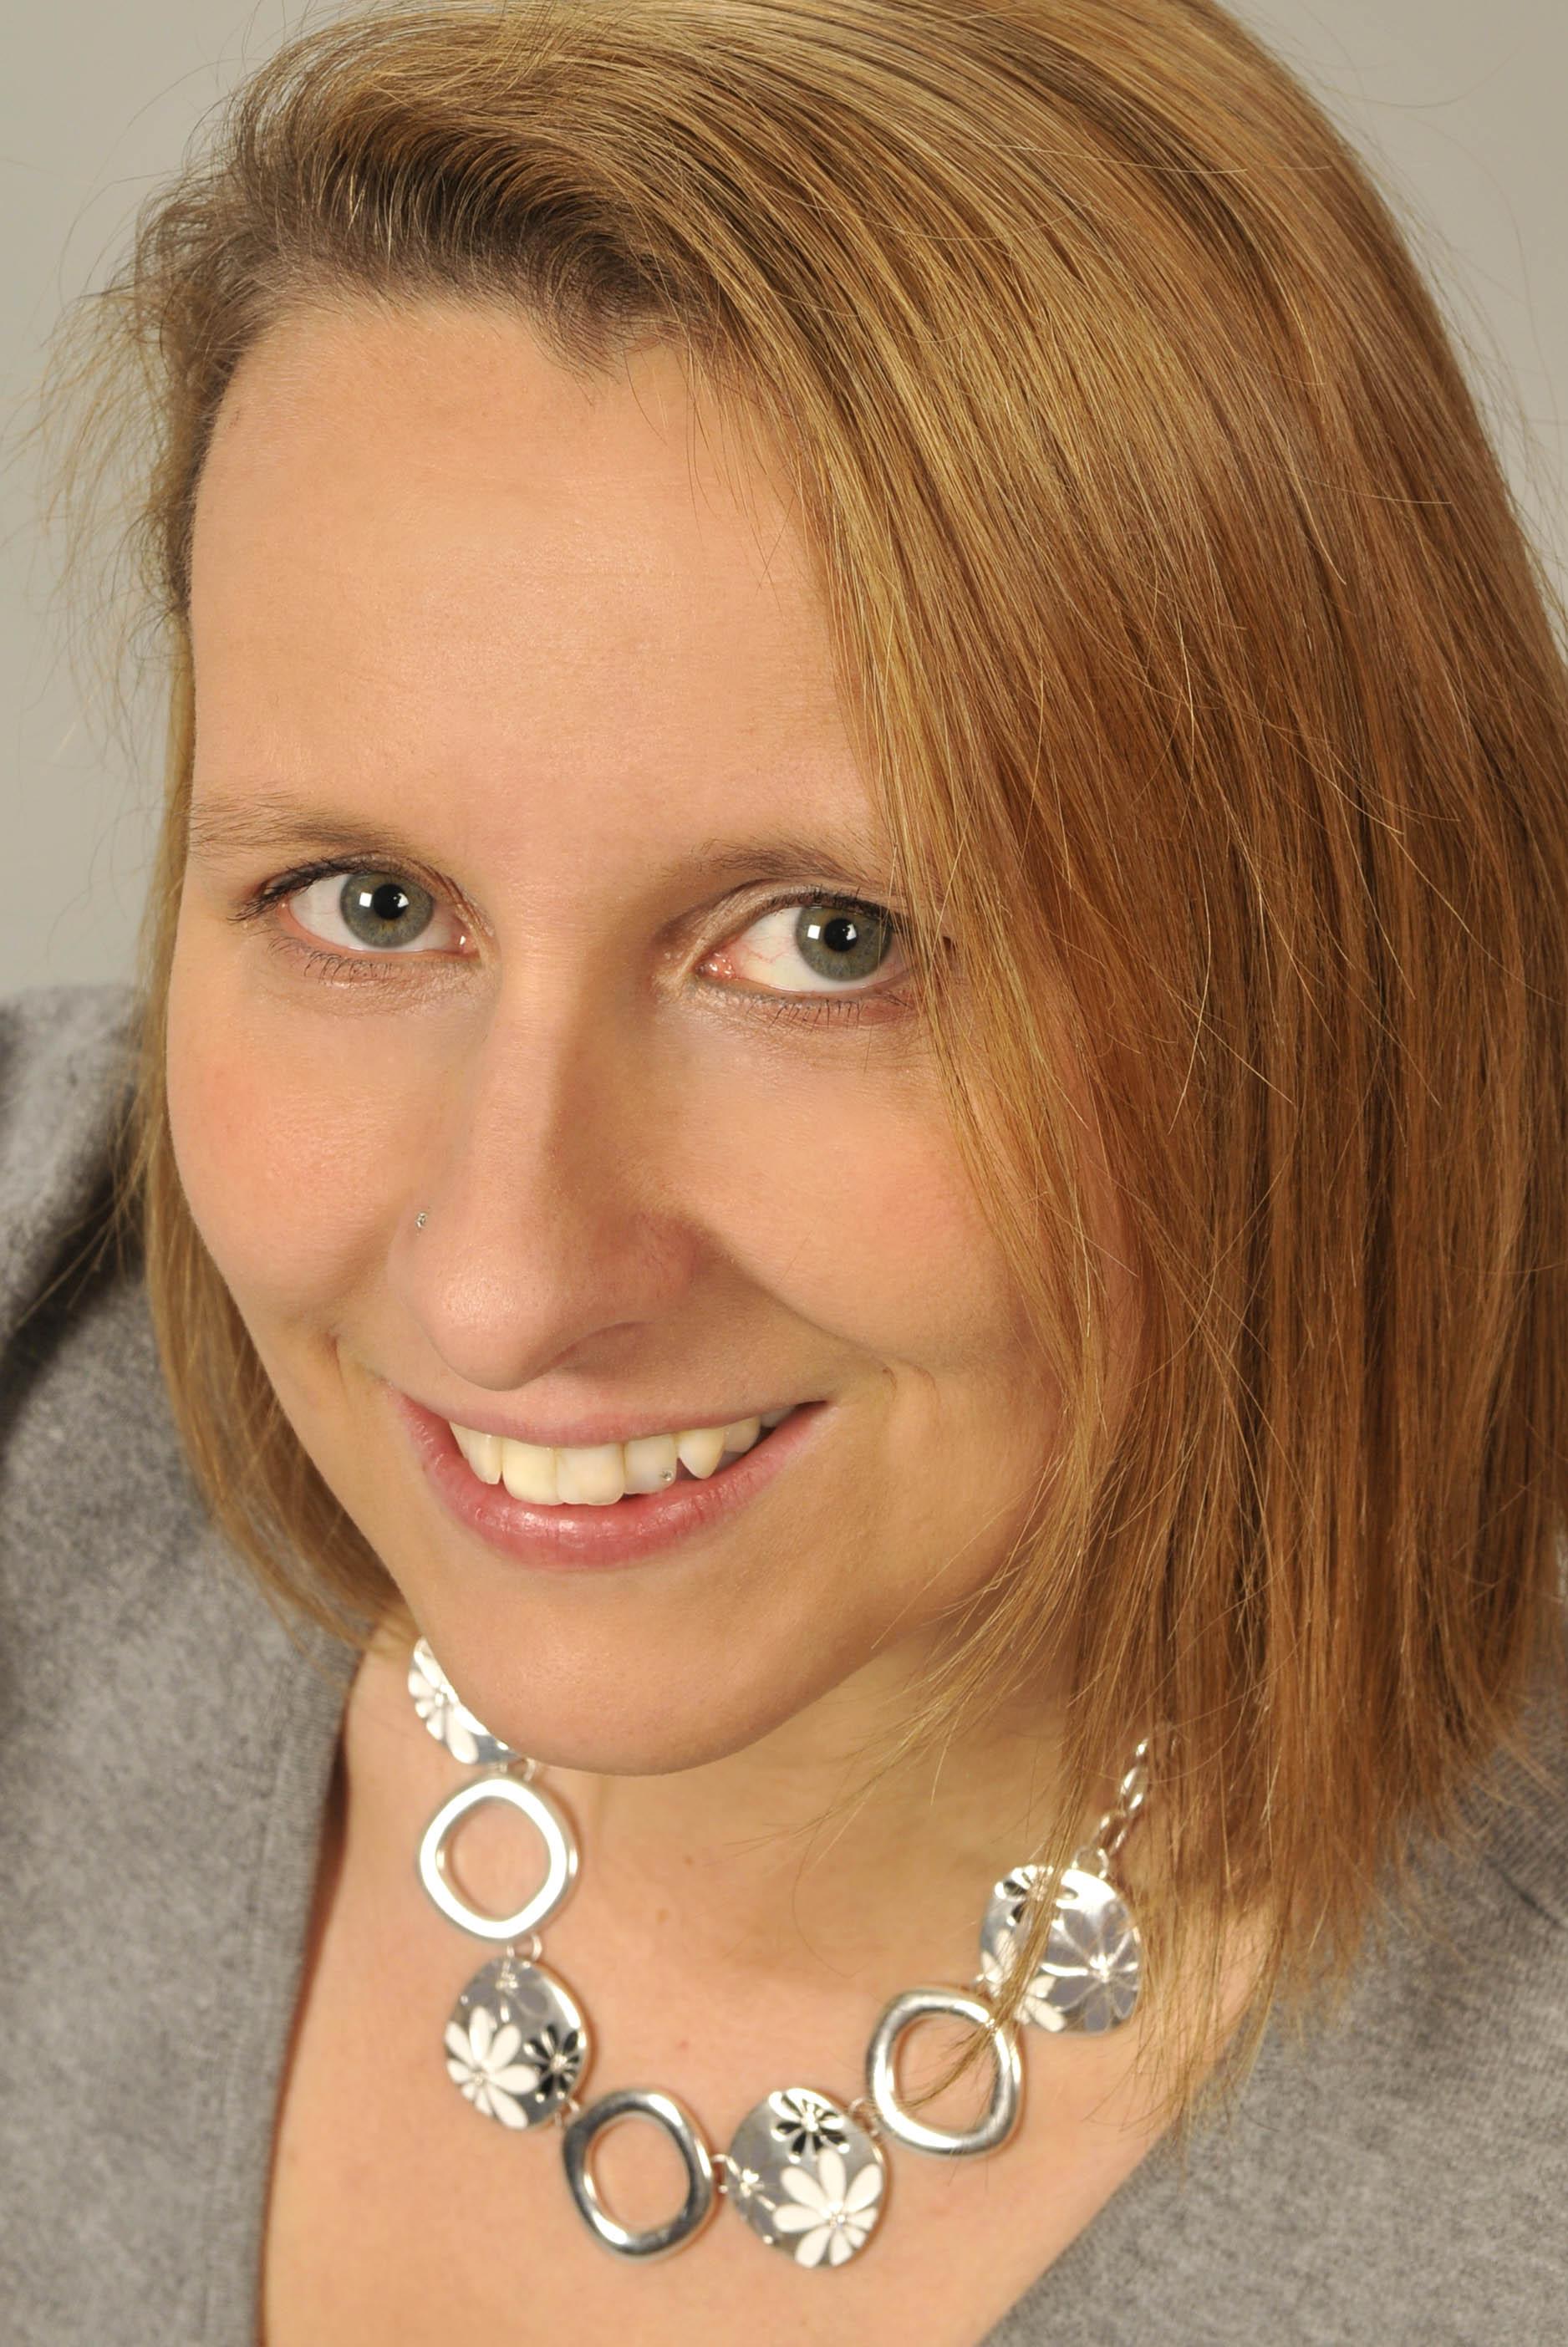 Kerstin Lieser